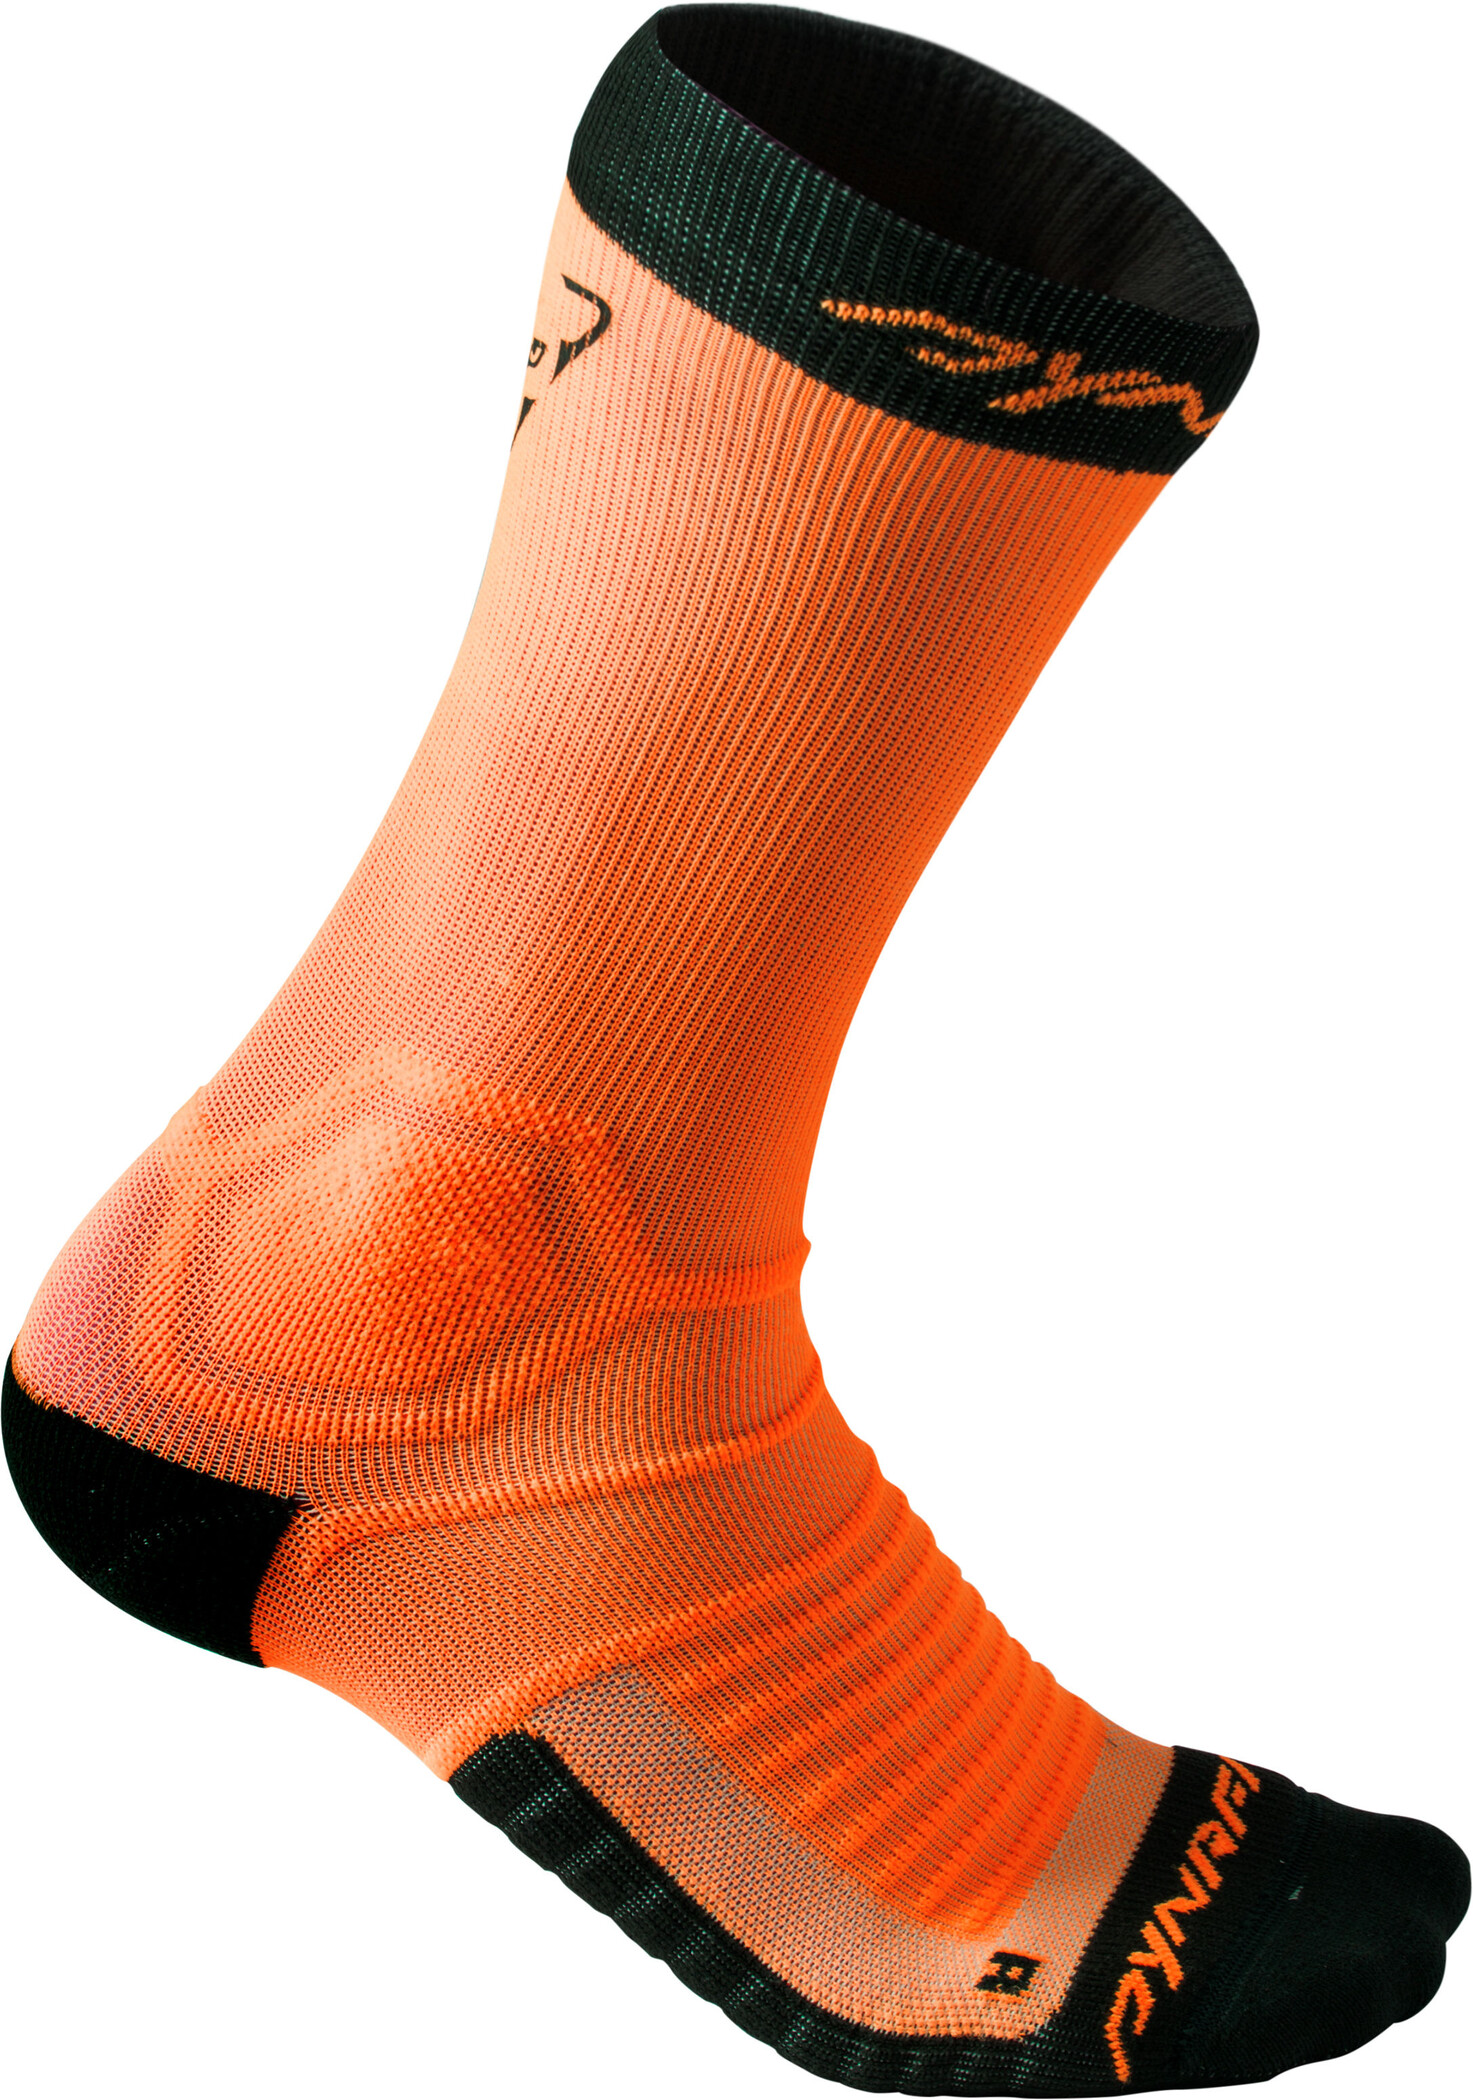 Dynafit Ultra Cushion Strømper, fluo orange | Strømper